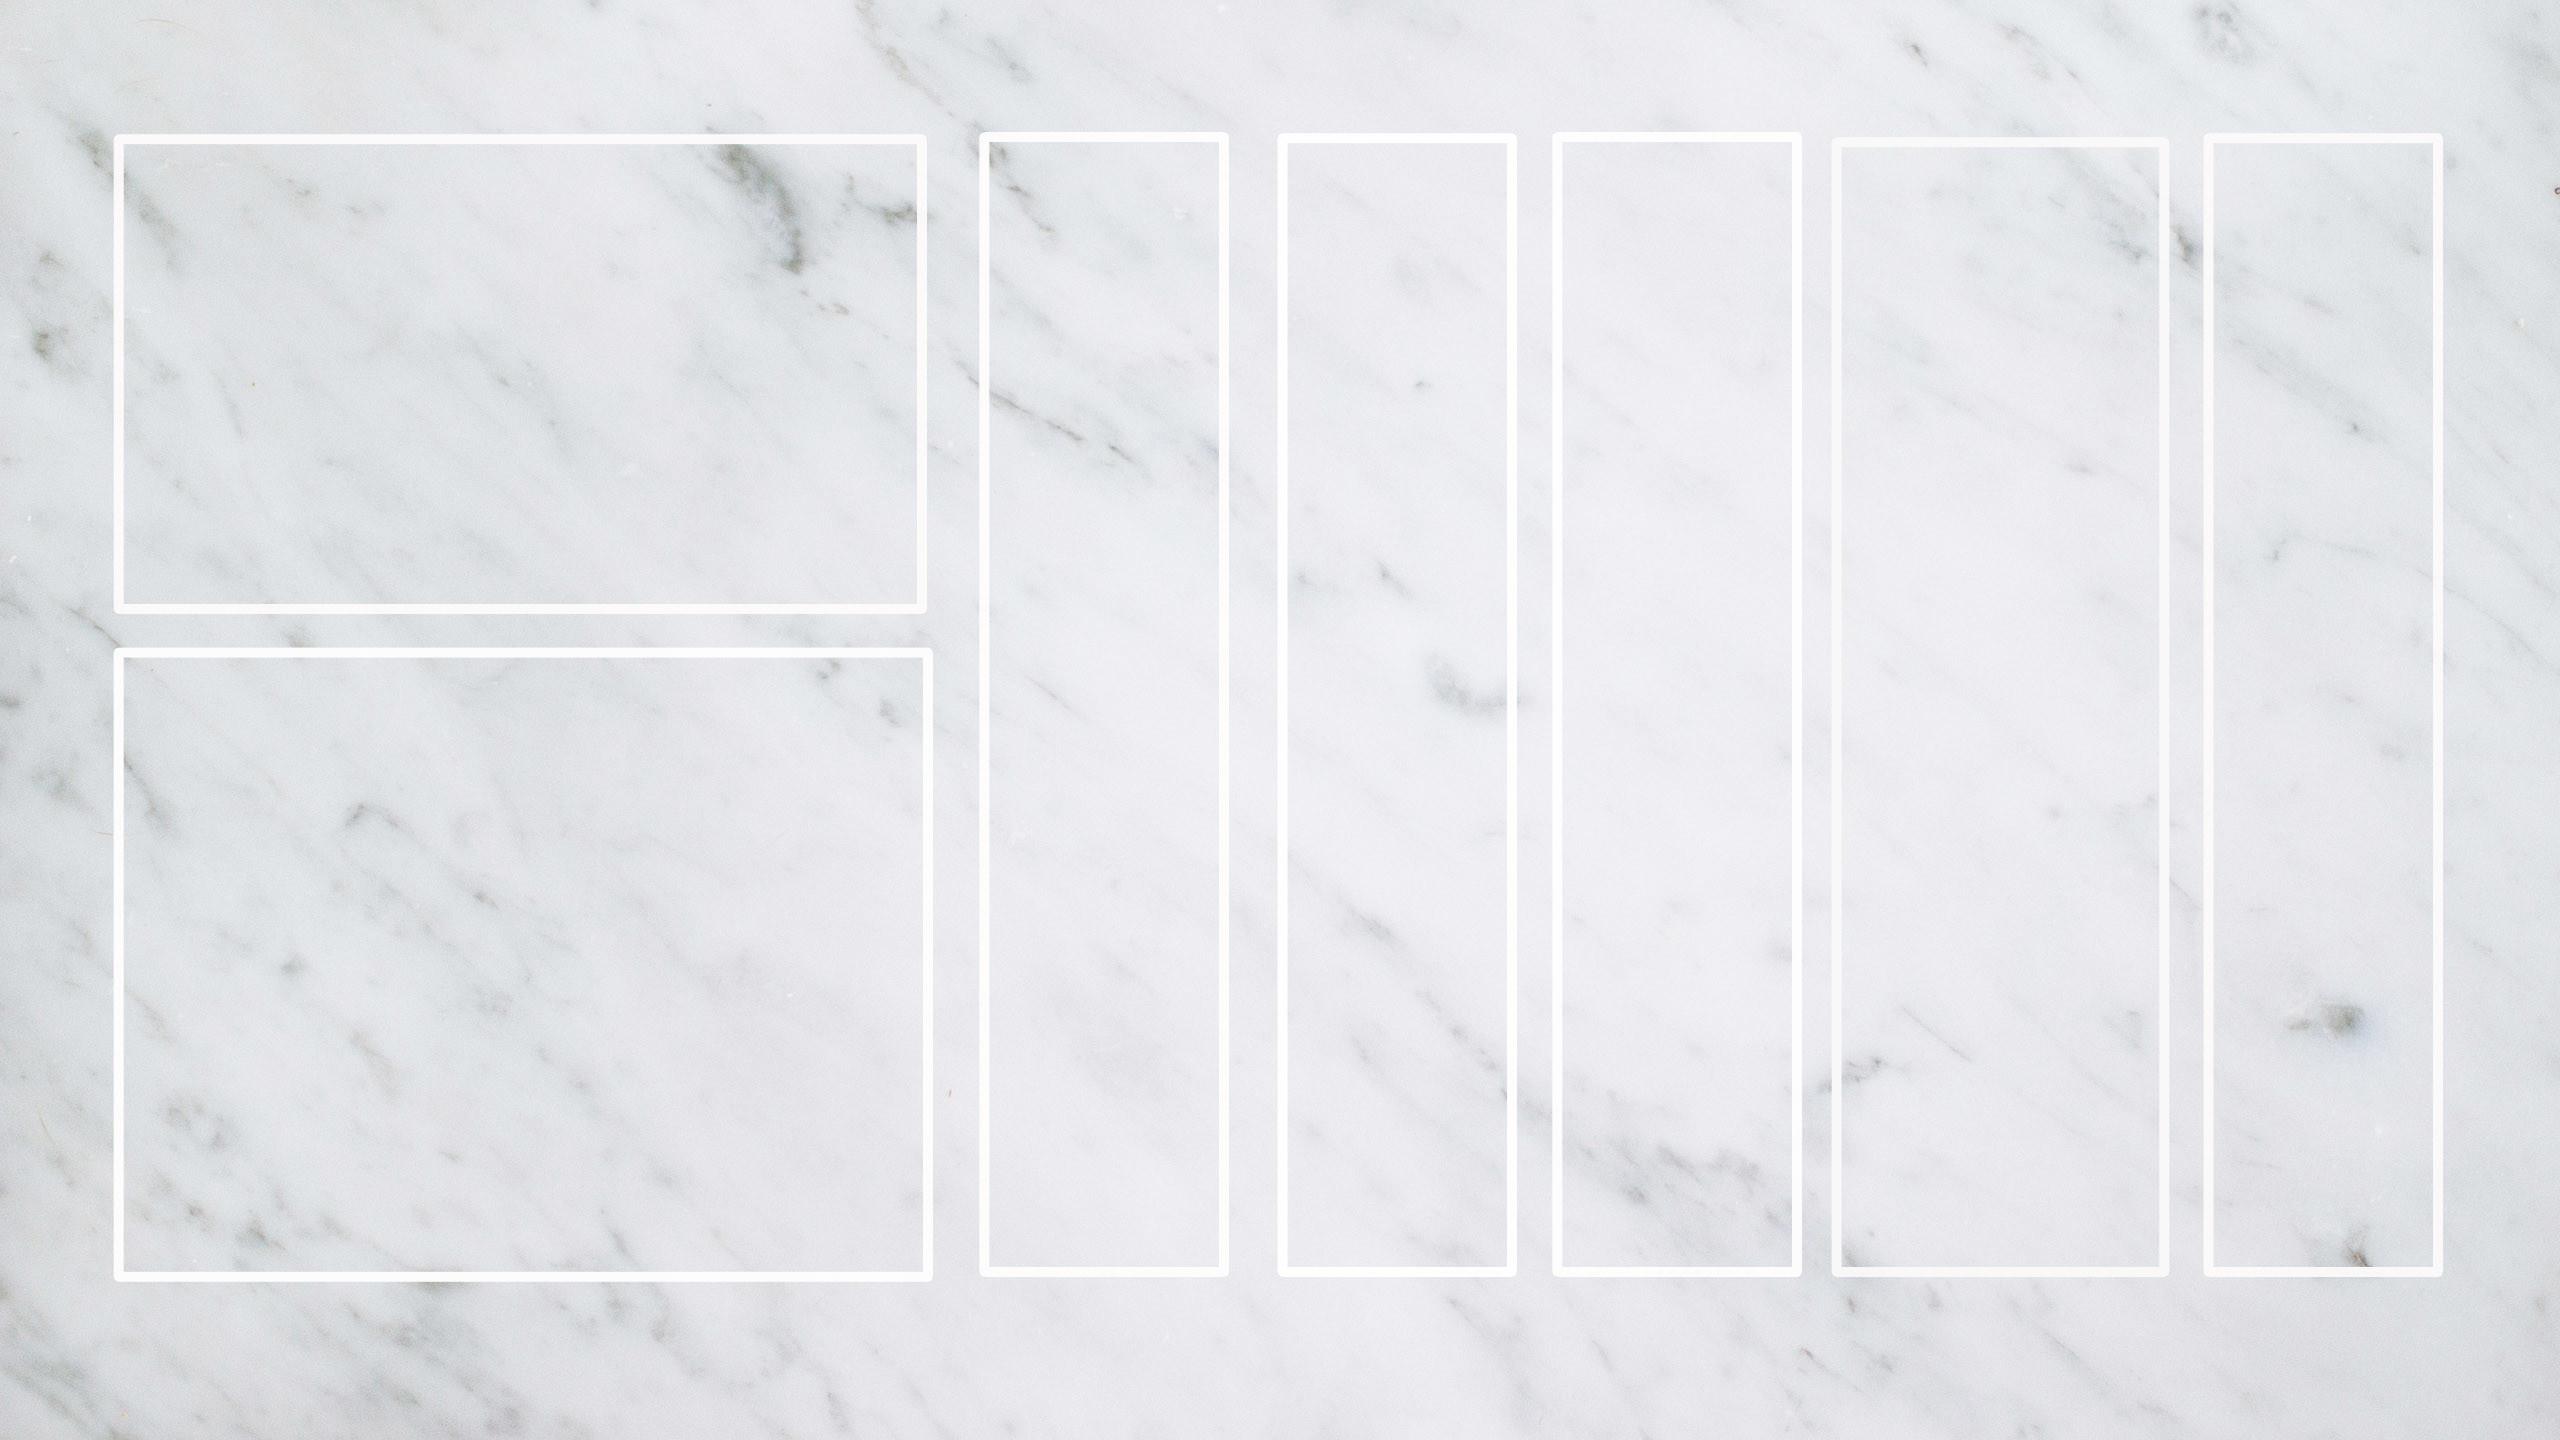 Organizational Desktop Wallpaper Posted By Ryan Peltier